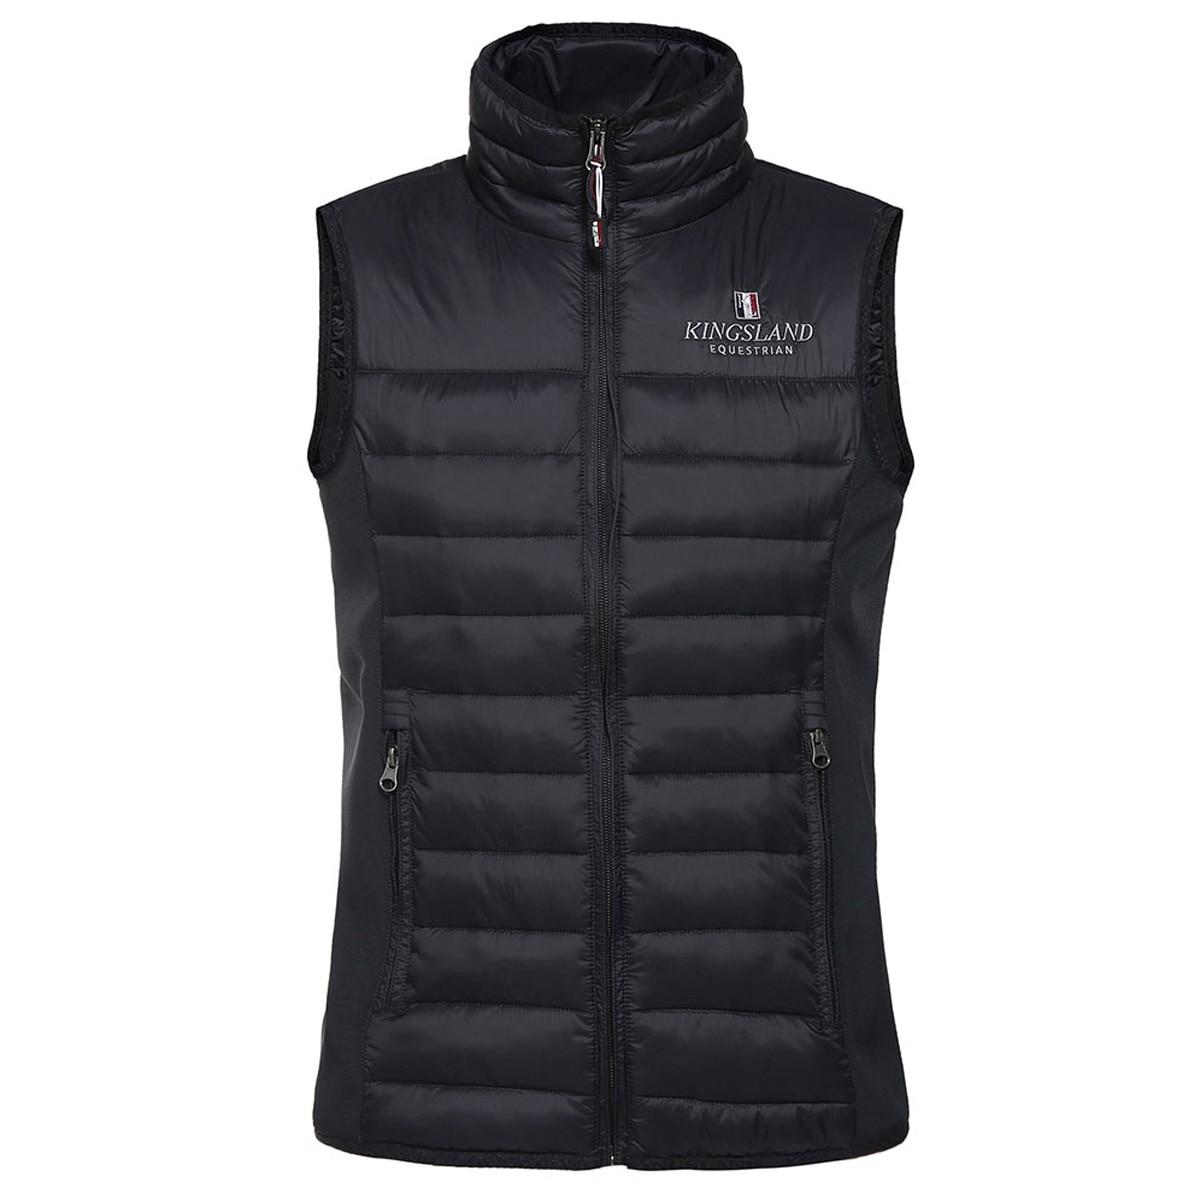 430c2070a Kingsland Classic Vest